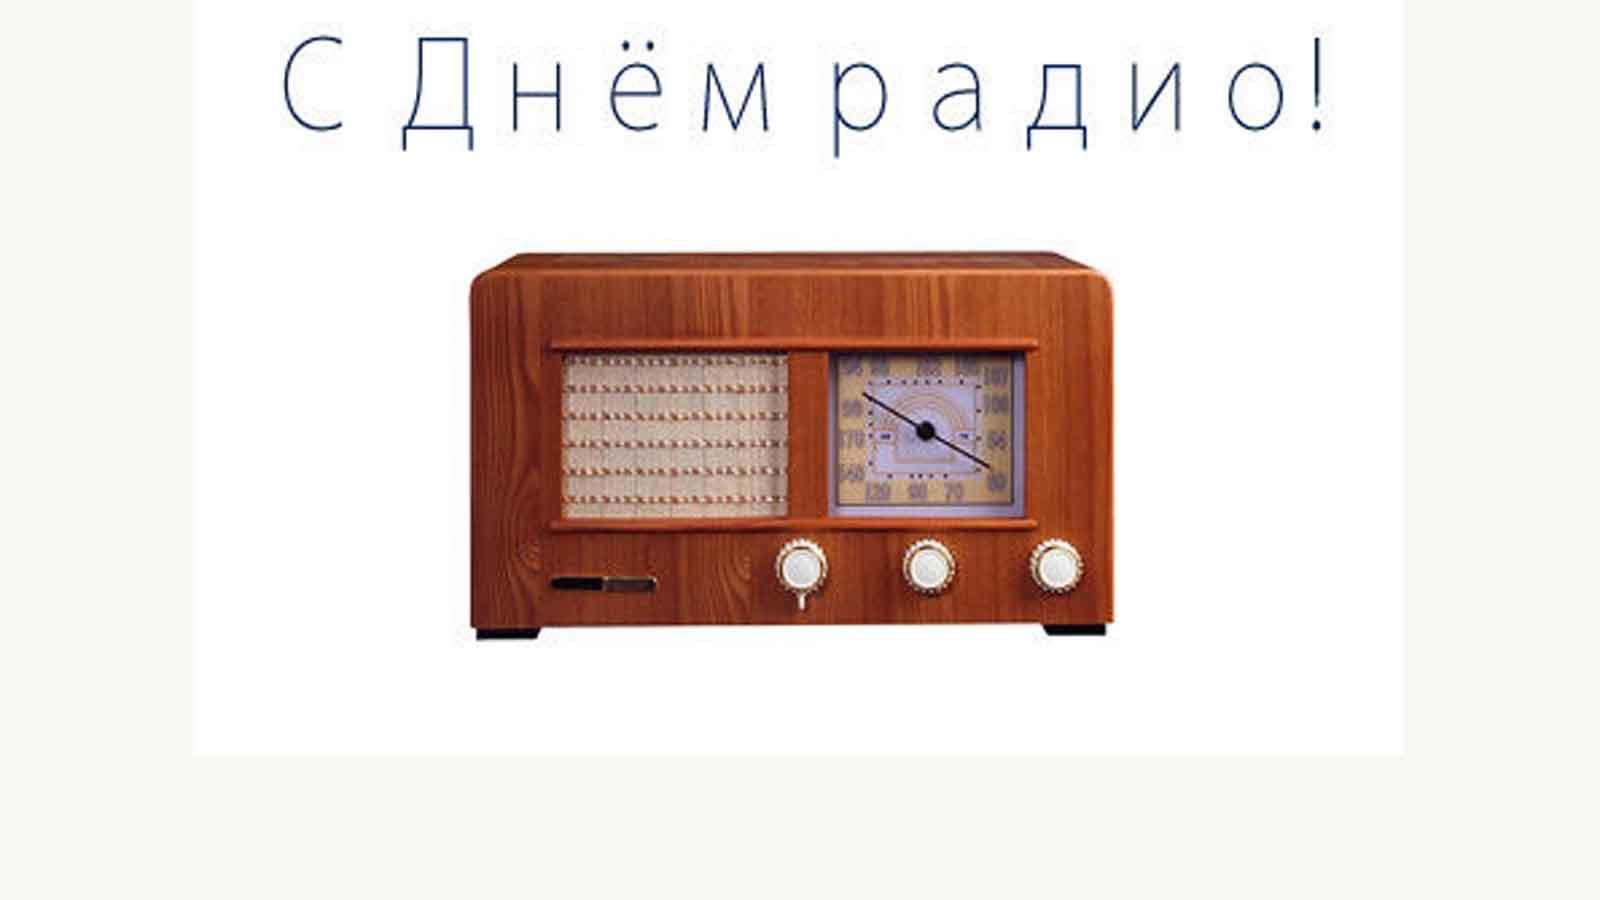 Короткое поздравление к дню радио